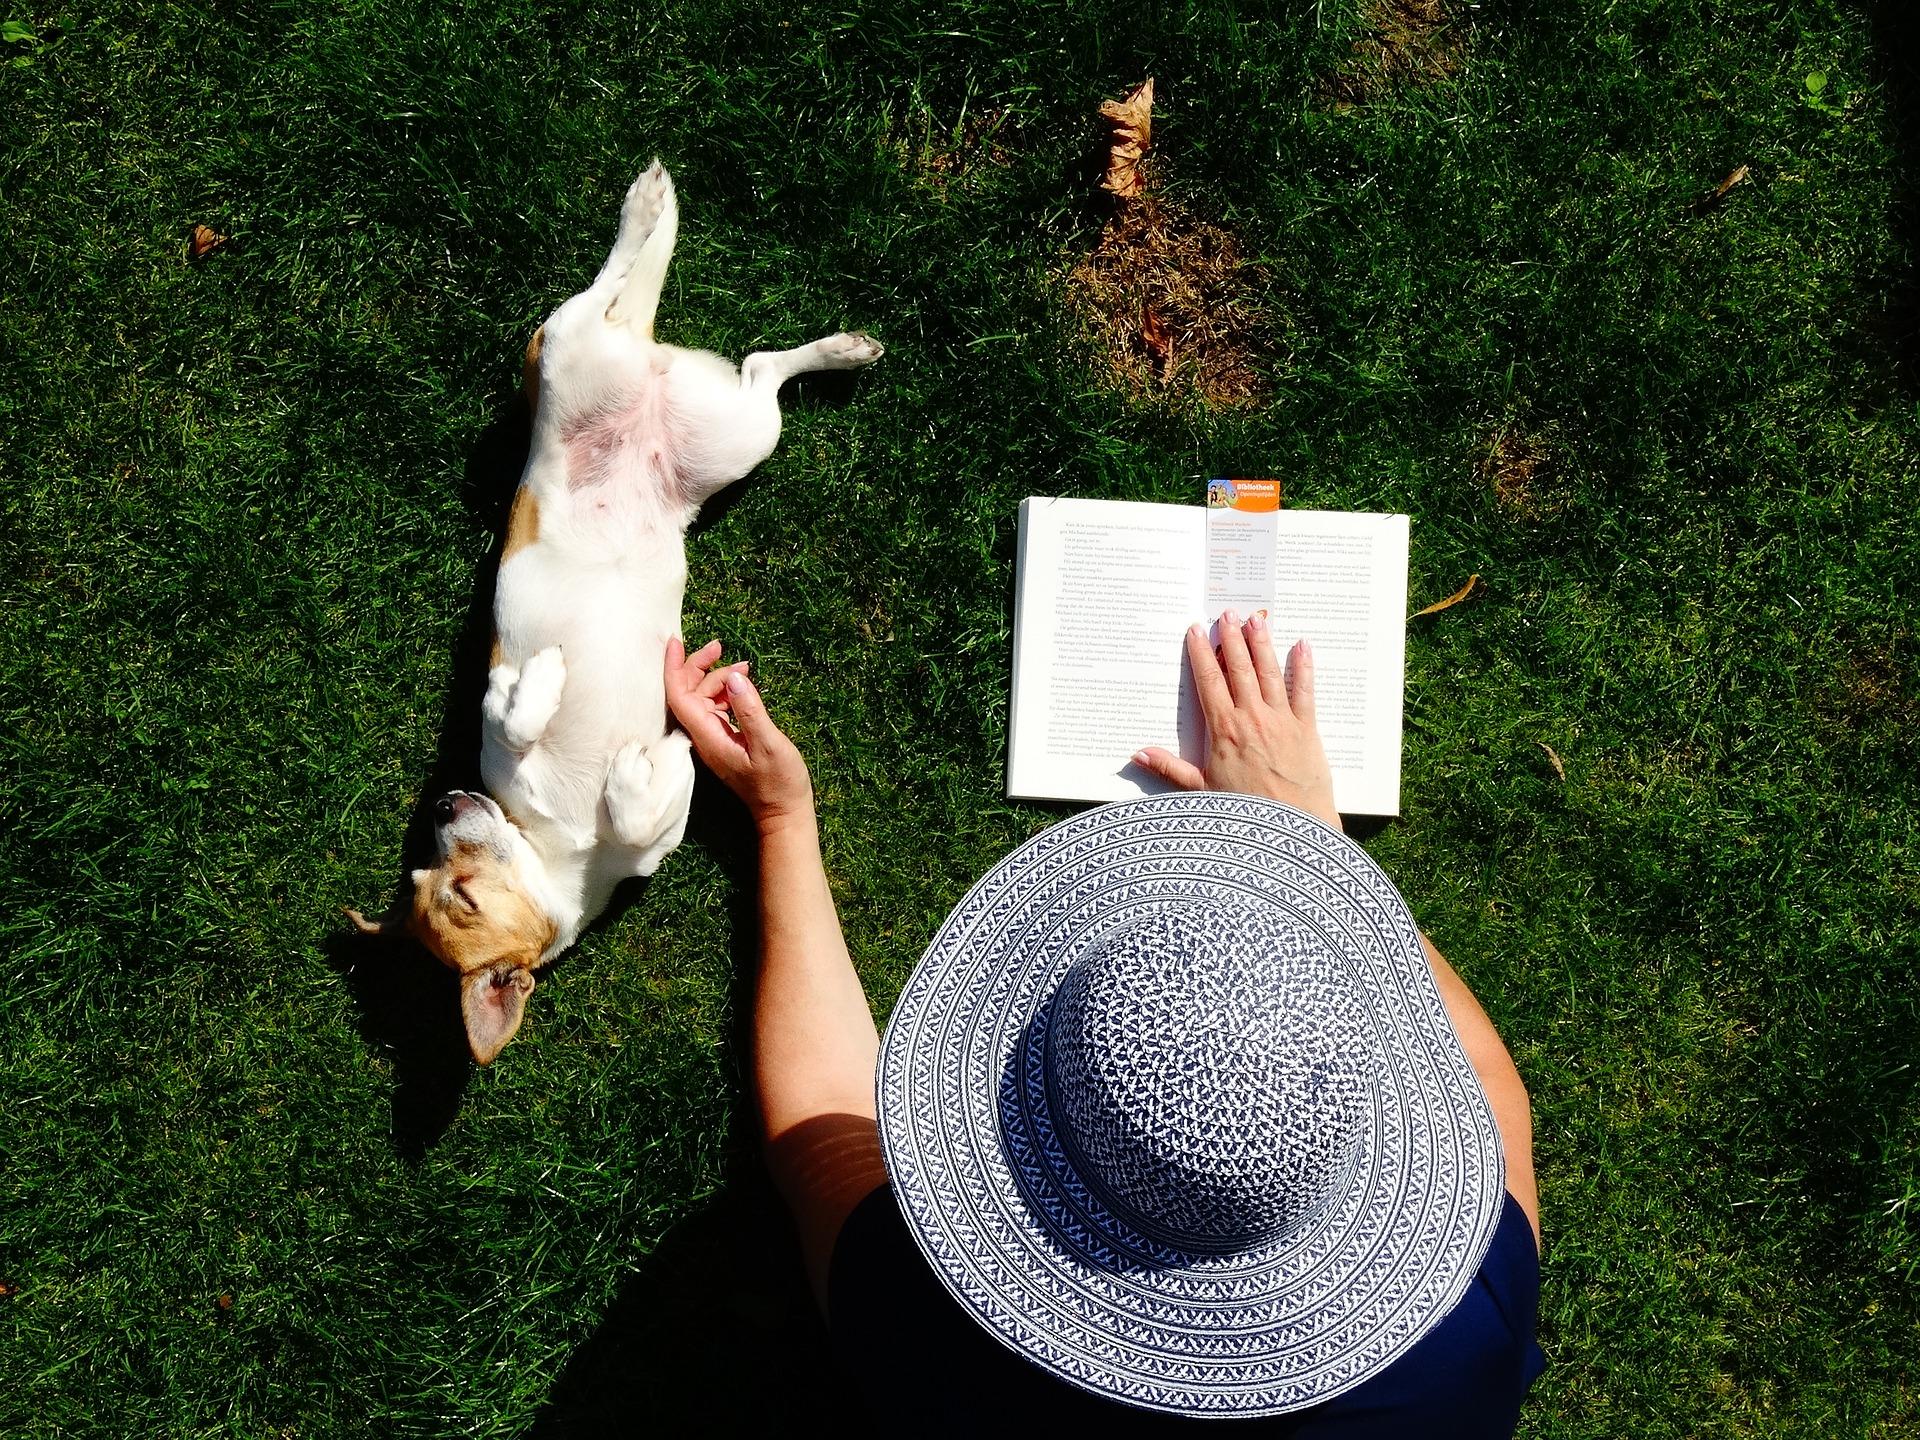 šolanje in vzgoja psa